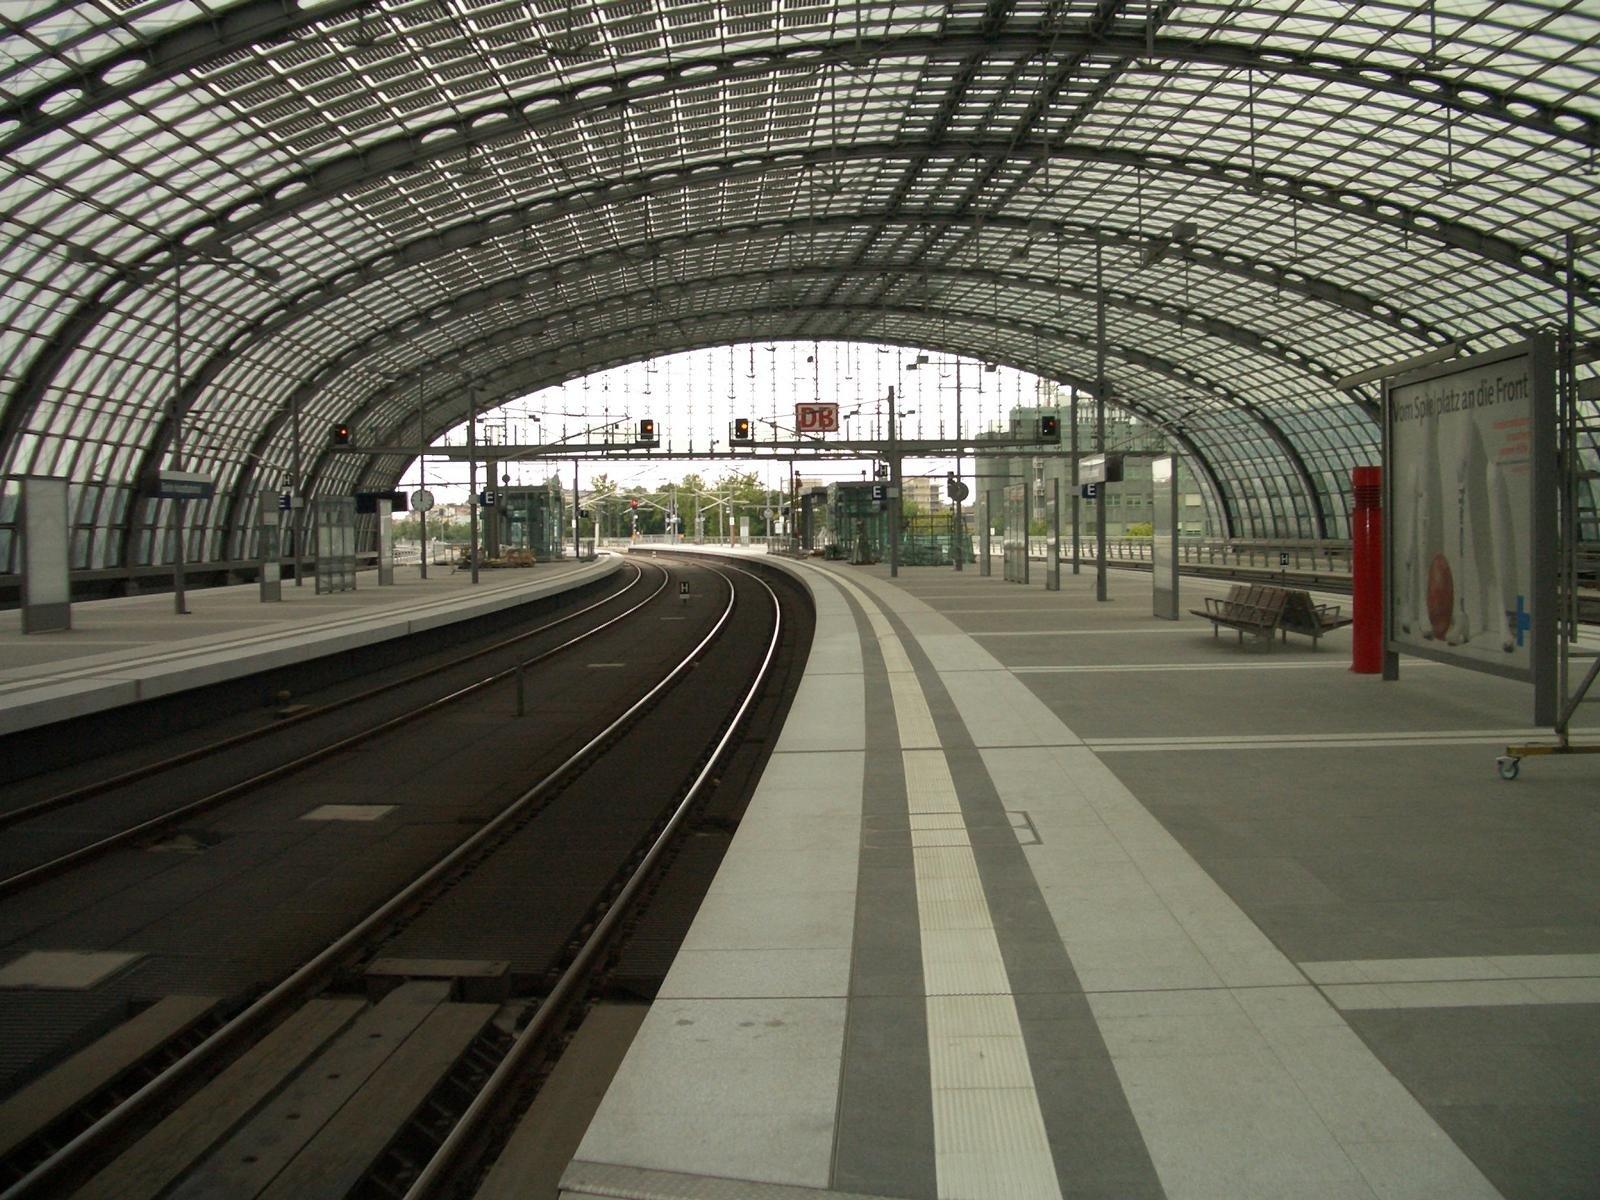 Lehrter Bahnhof3